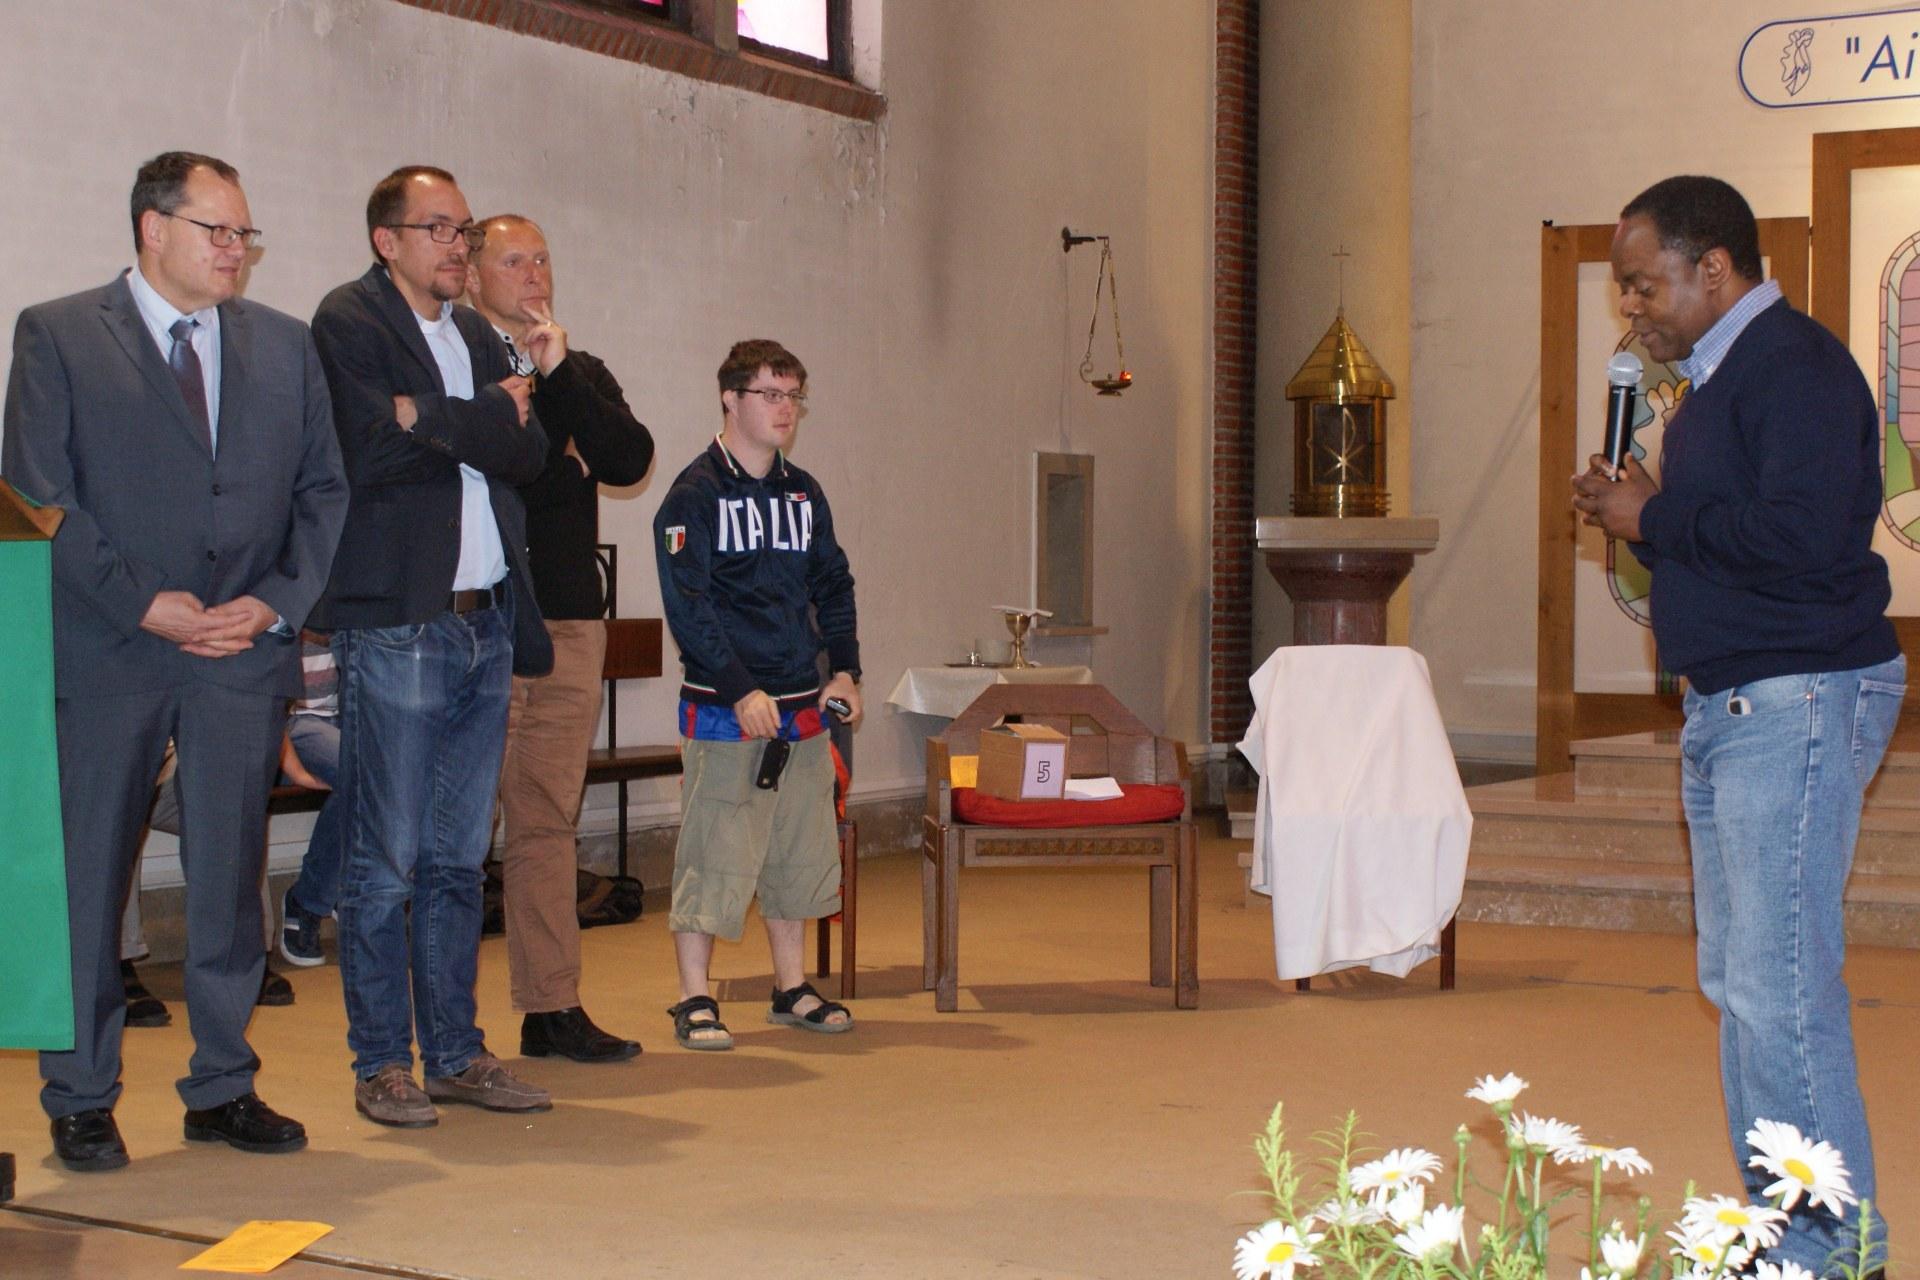 2017-06-30 - Messe d'au-revoir - 066